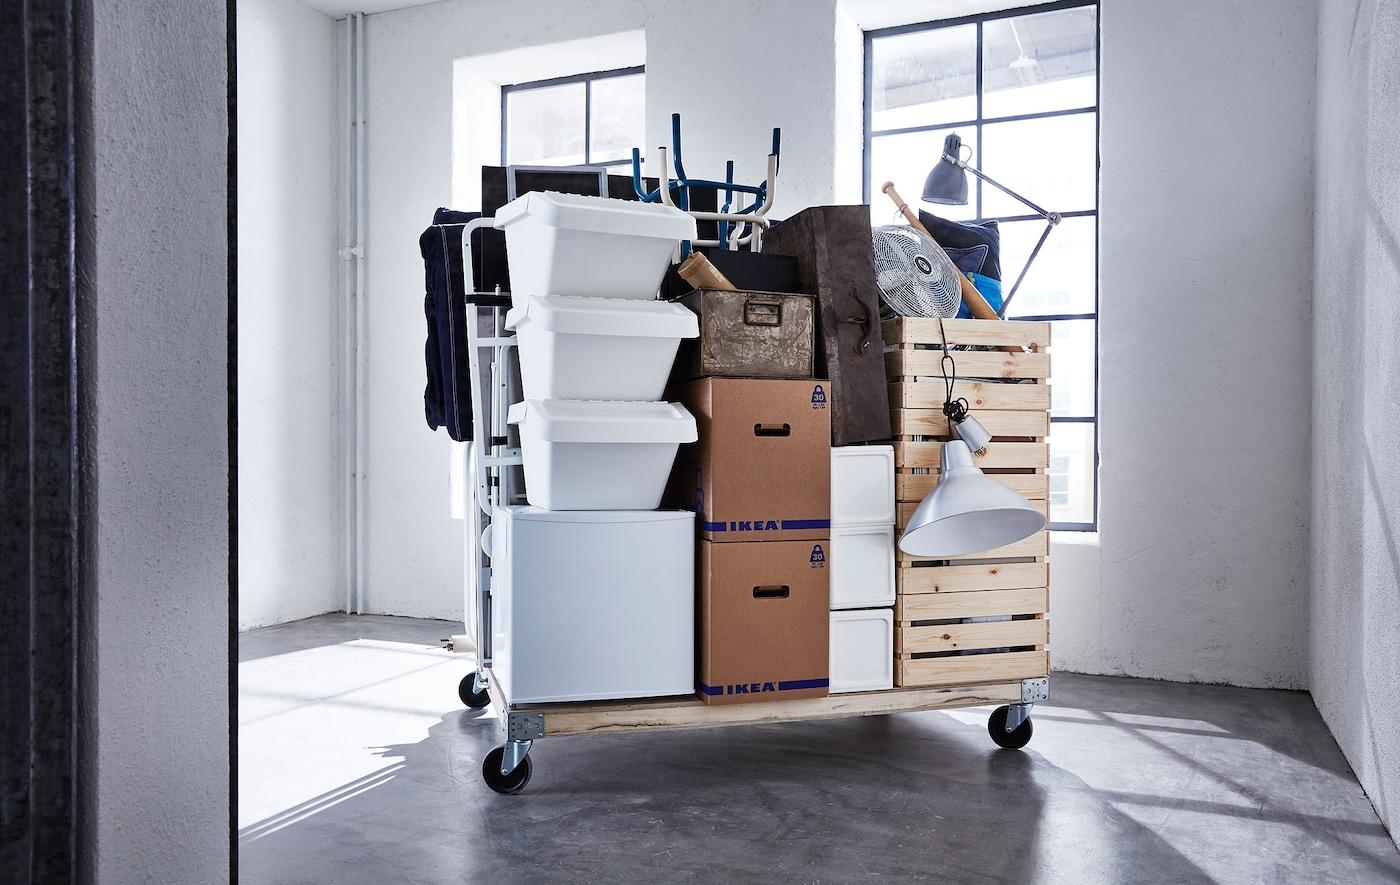 Materiali per il trasloco e cartoni da imballaggio JÄTTENE su un bancale in legno con ruote in una stanza vuota - IKEA